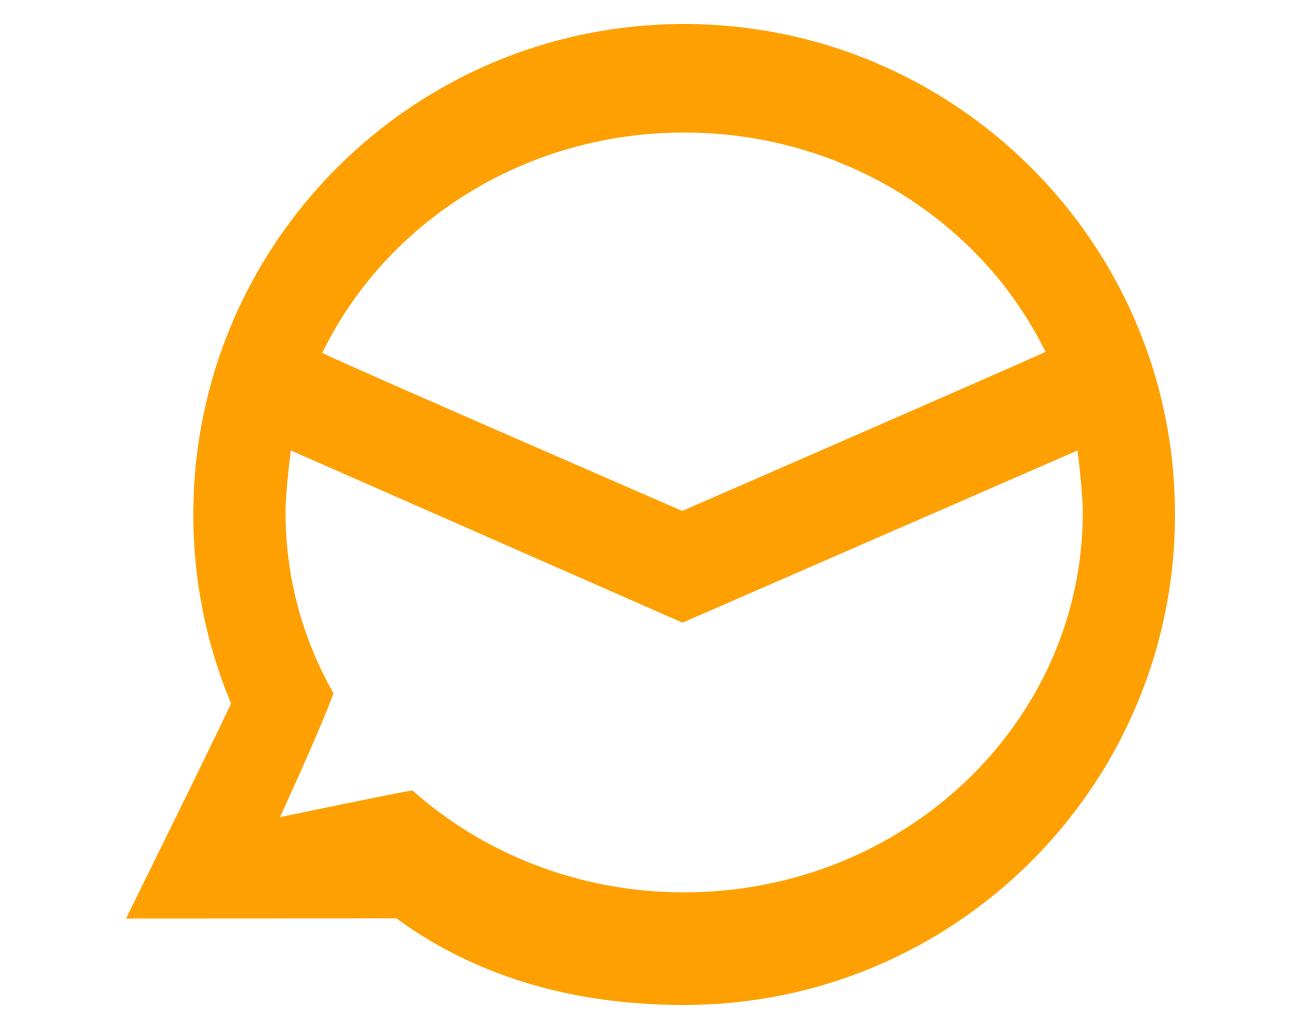 Emclient logo